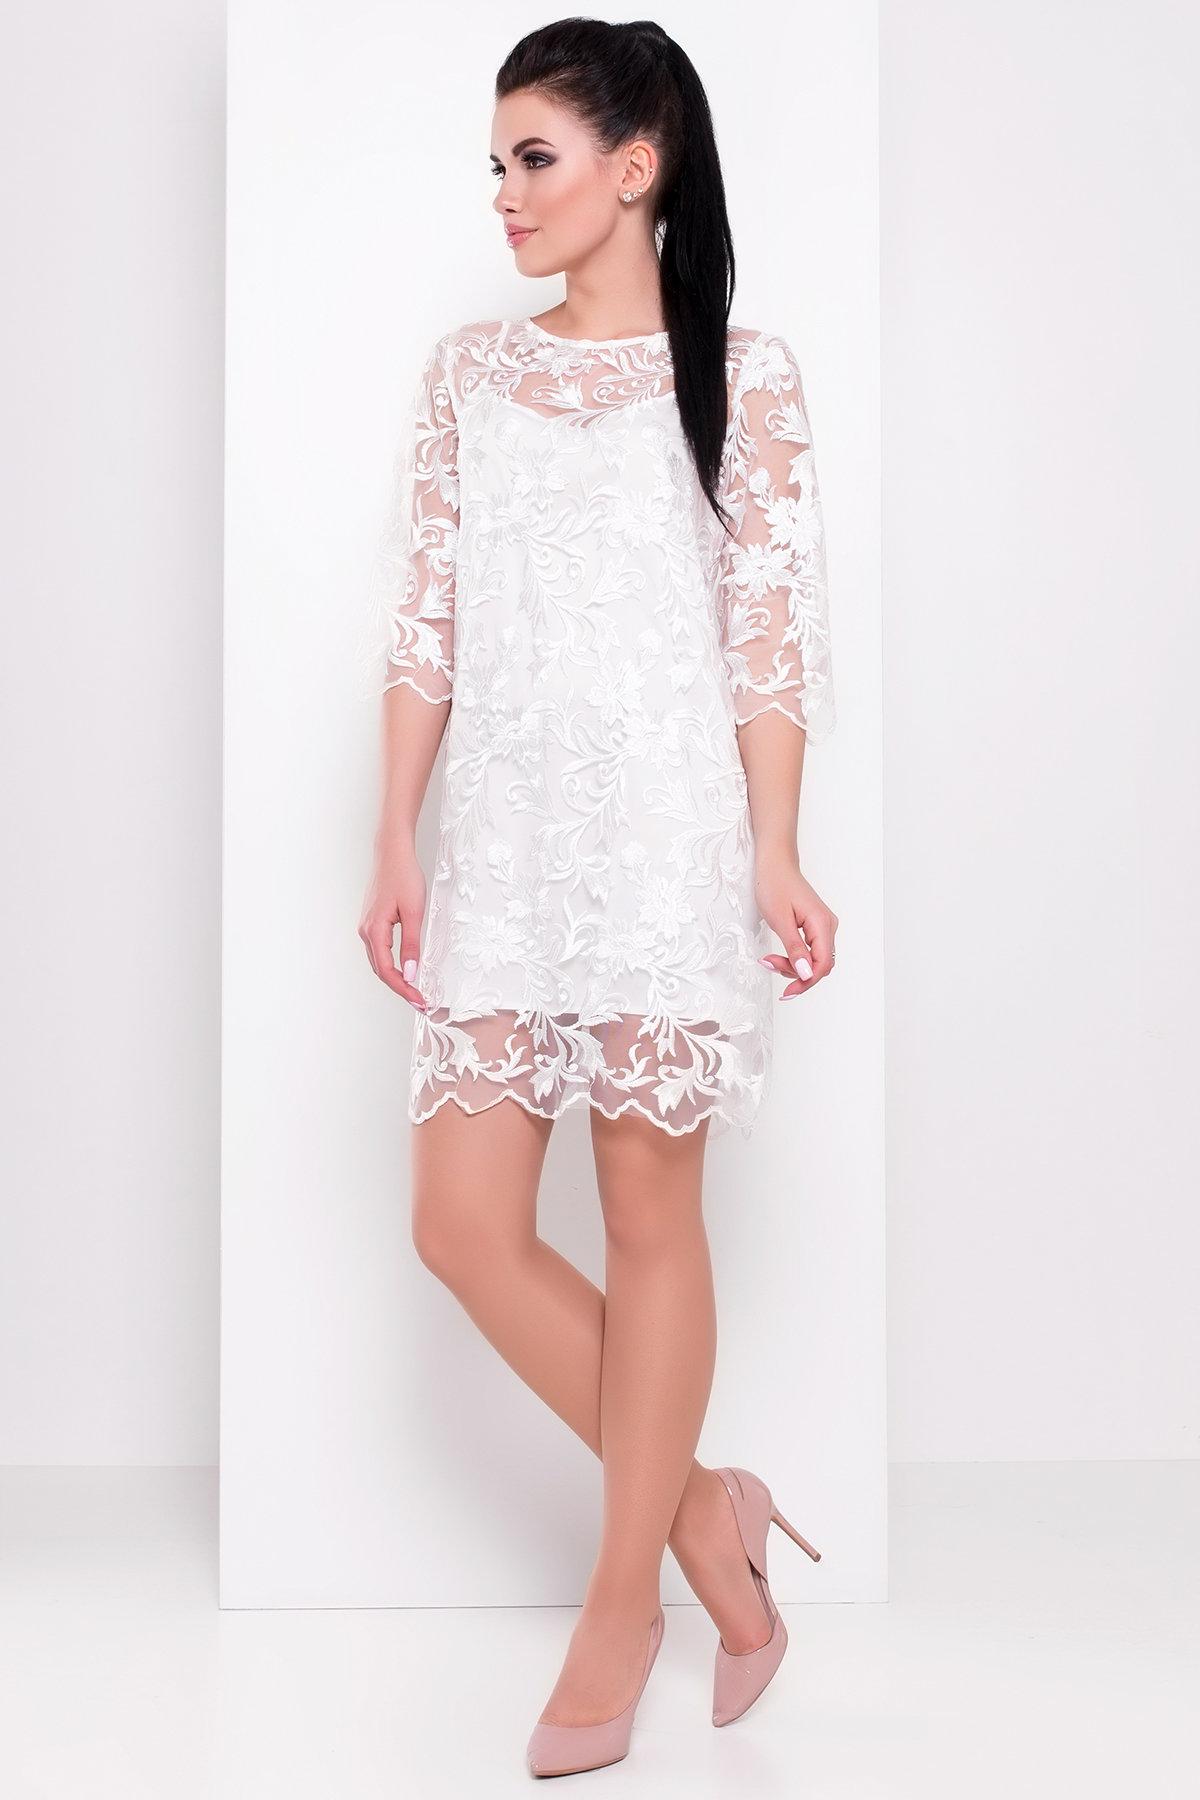 Купить белое платье недорого в украине